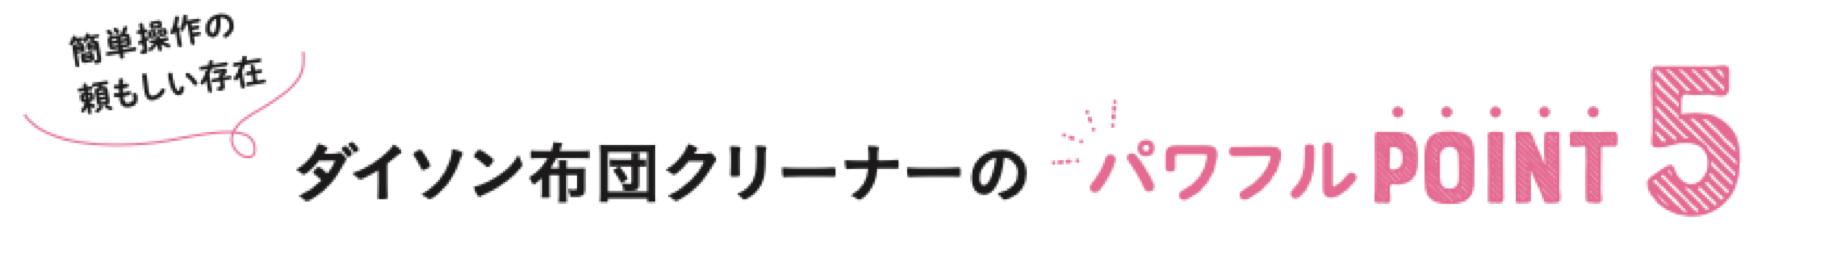 ダイソンPOINT5